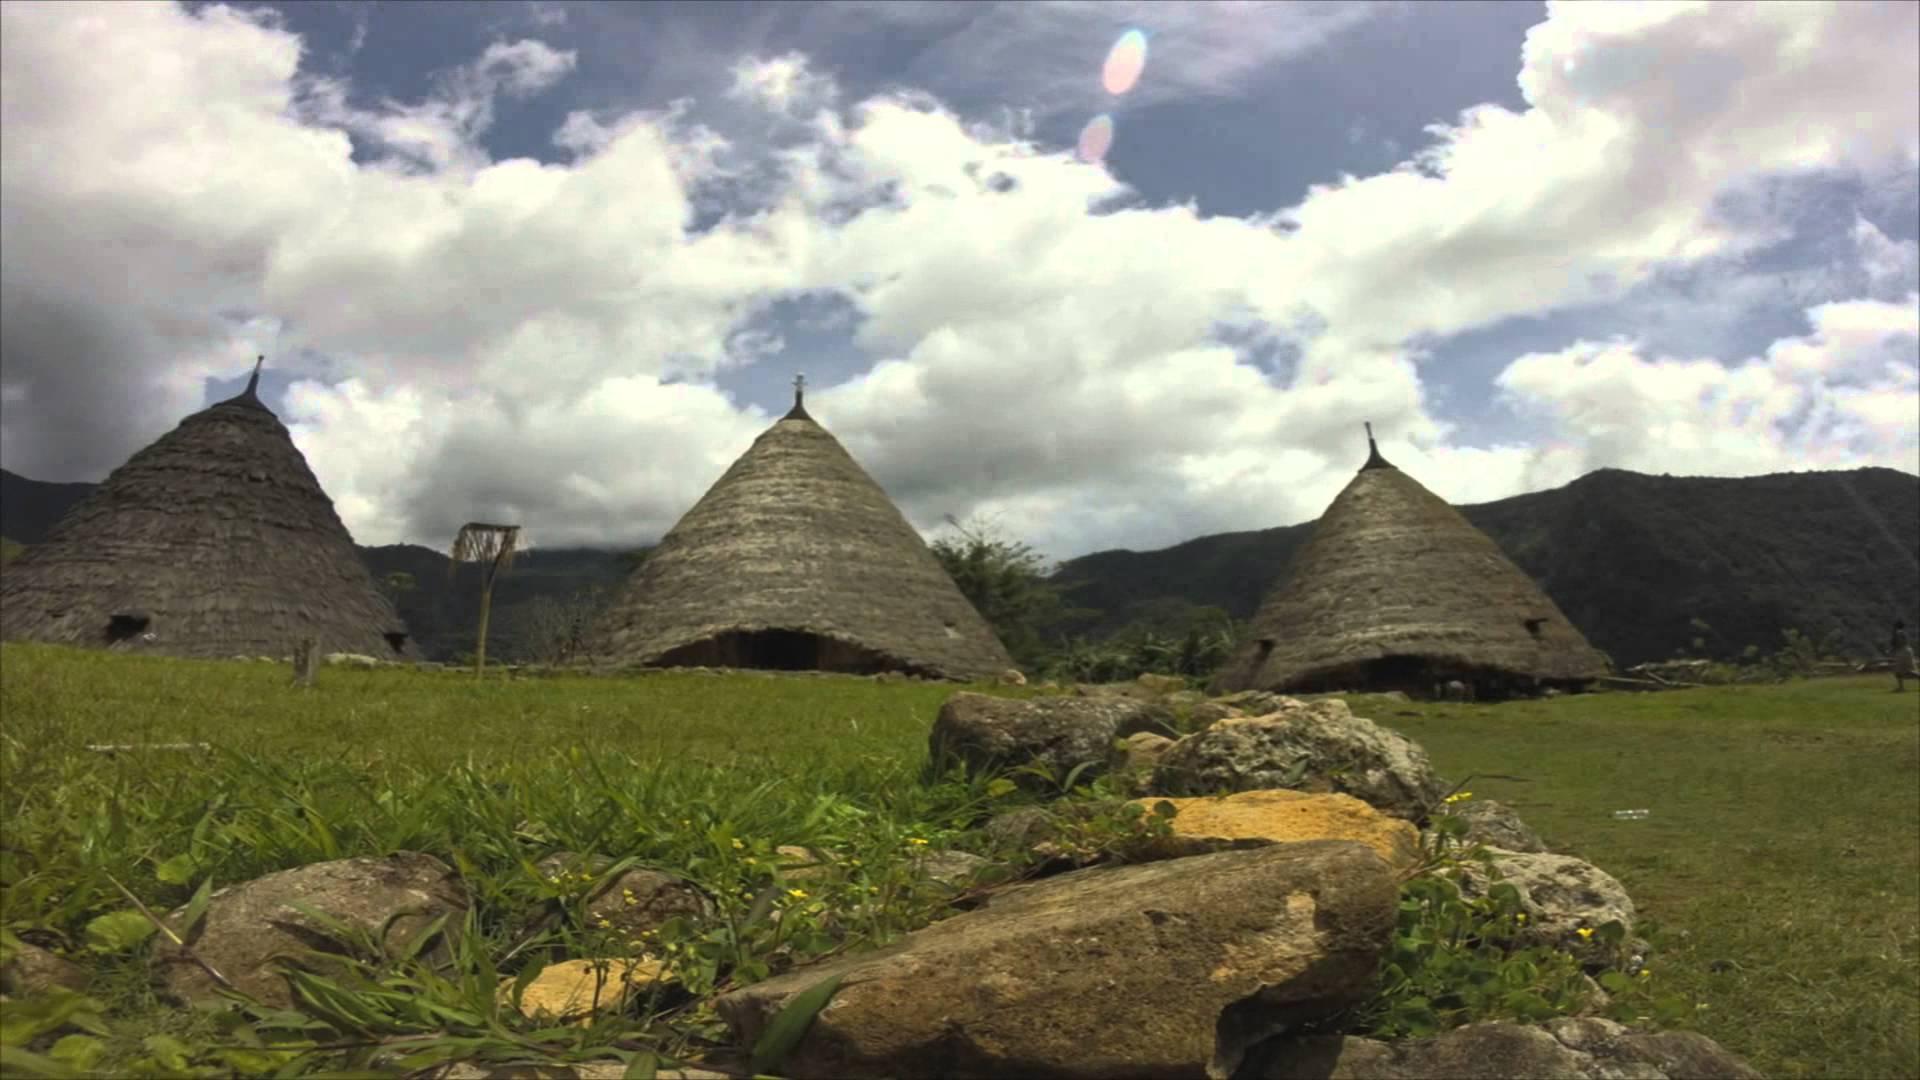 Rumah Tradisional Wae Rebo